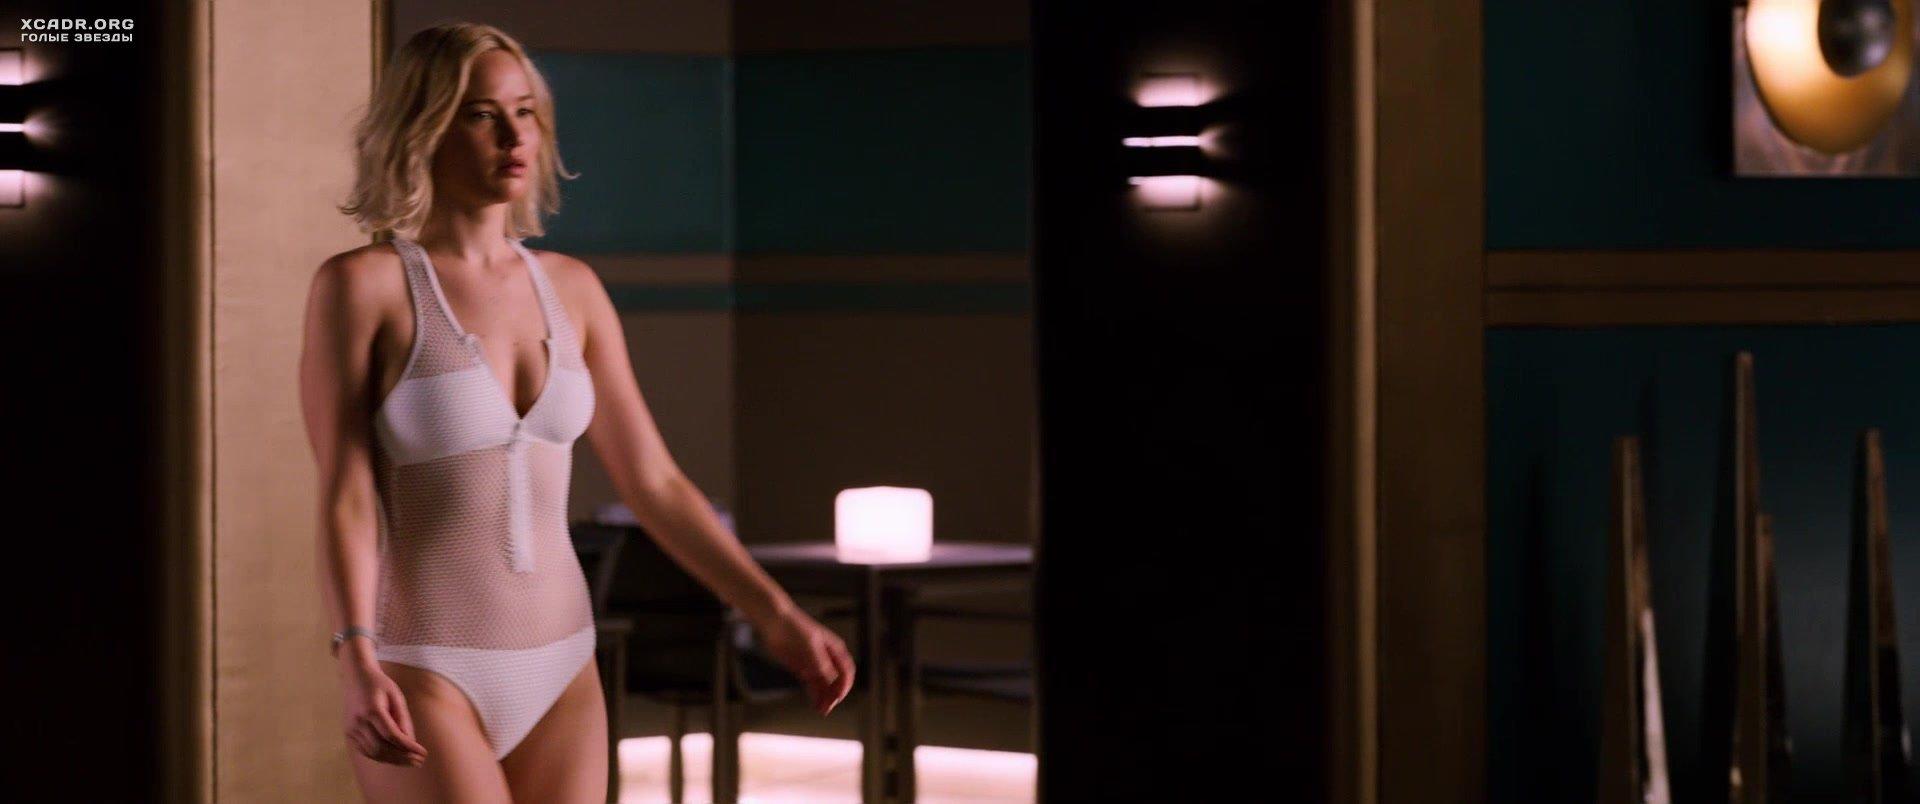 голые знаменитости в фильмах онлайн через